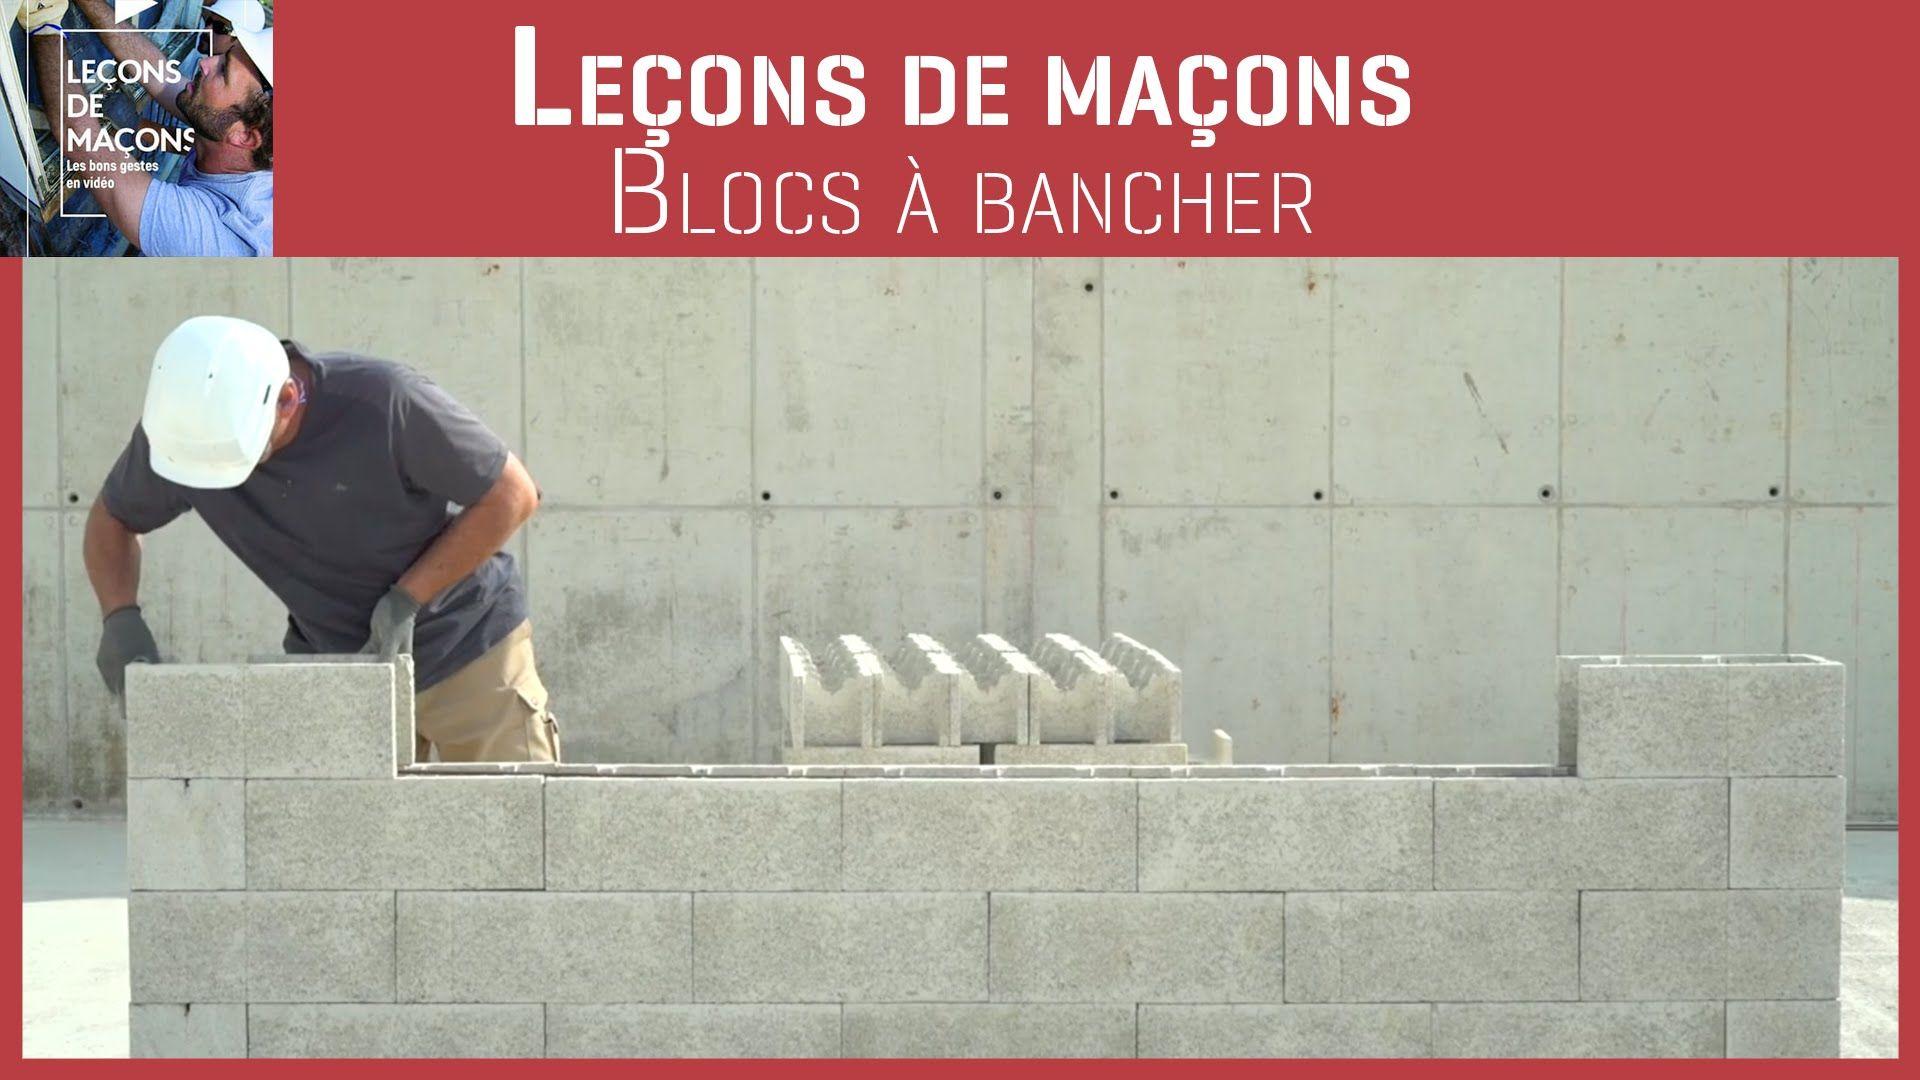 Les Lecons Blocs A Bancher Bloc A Bancher Bloc